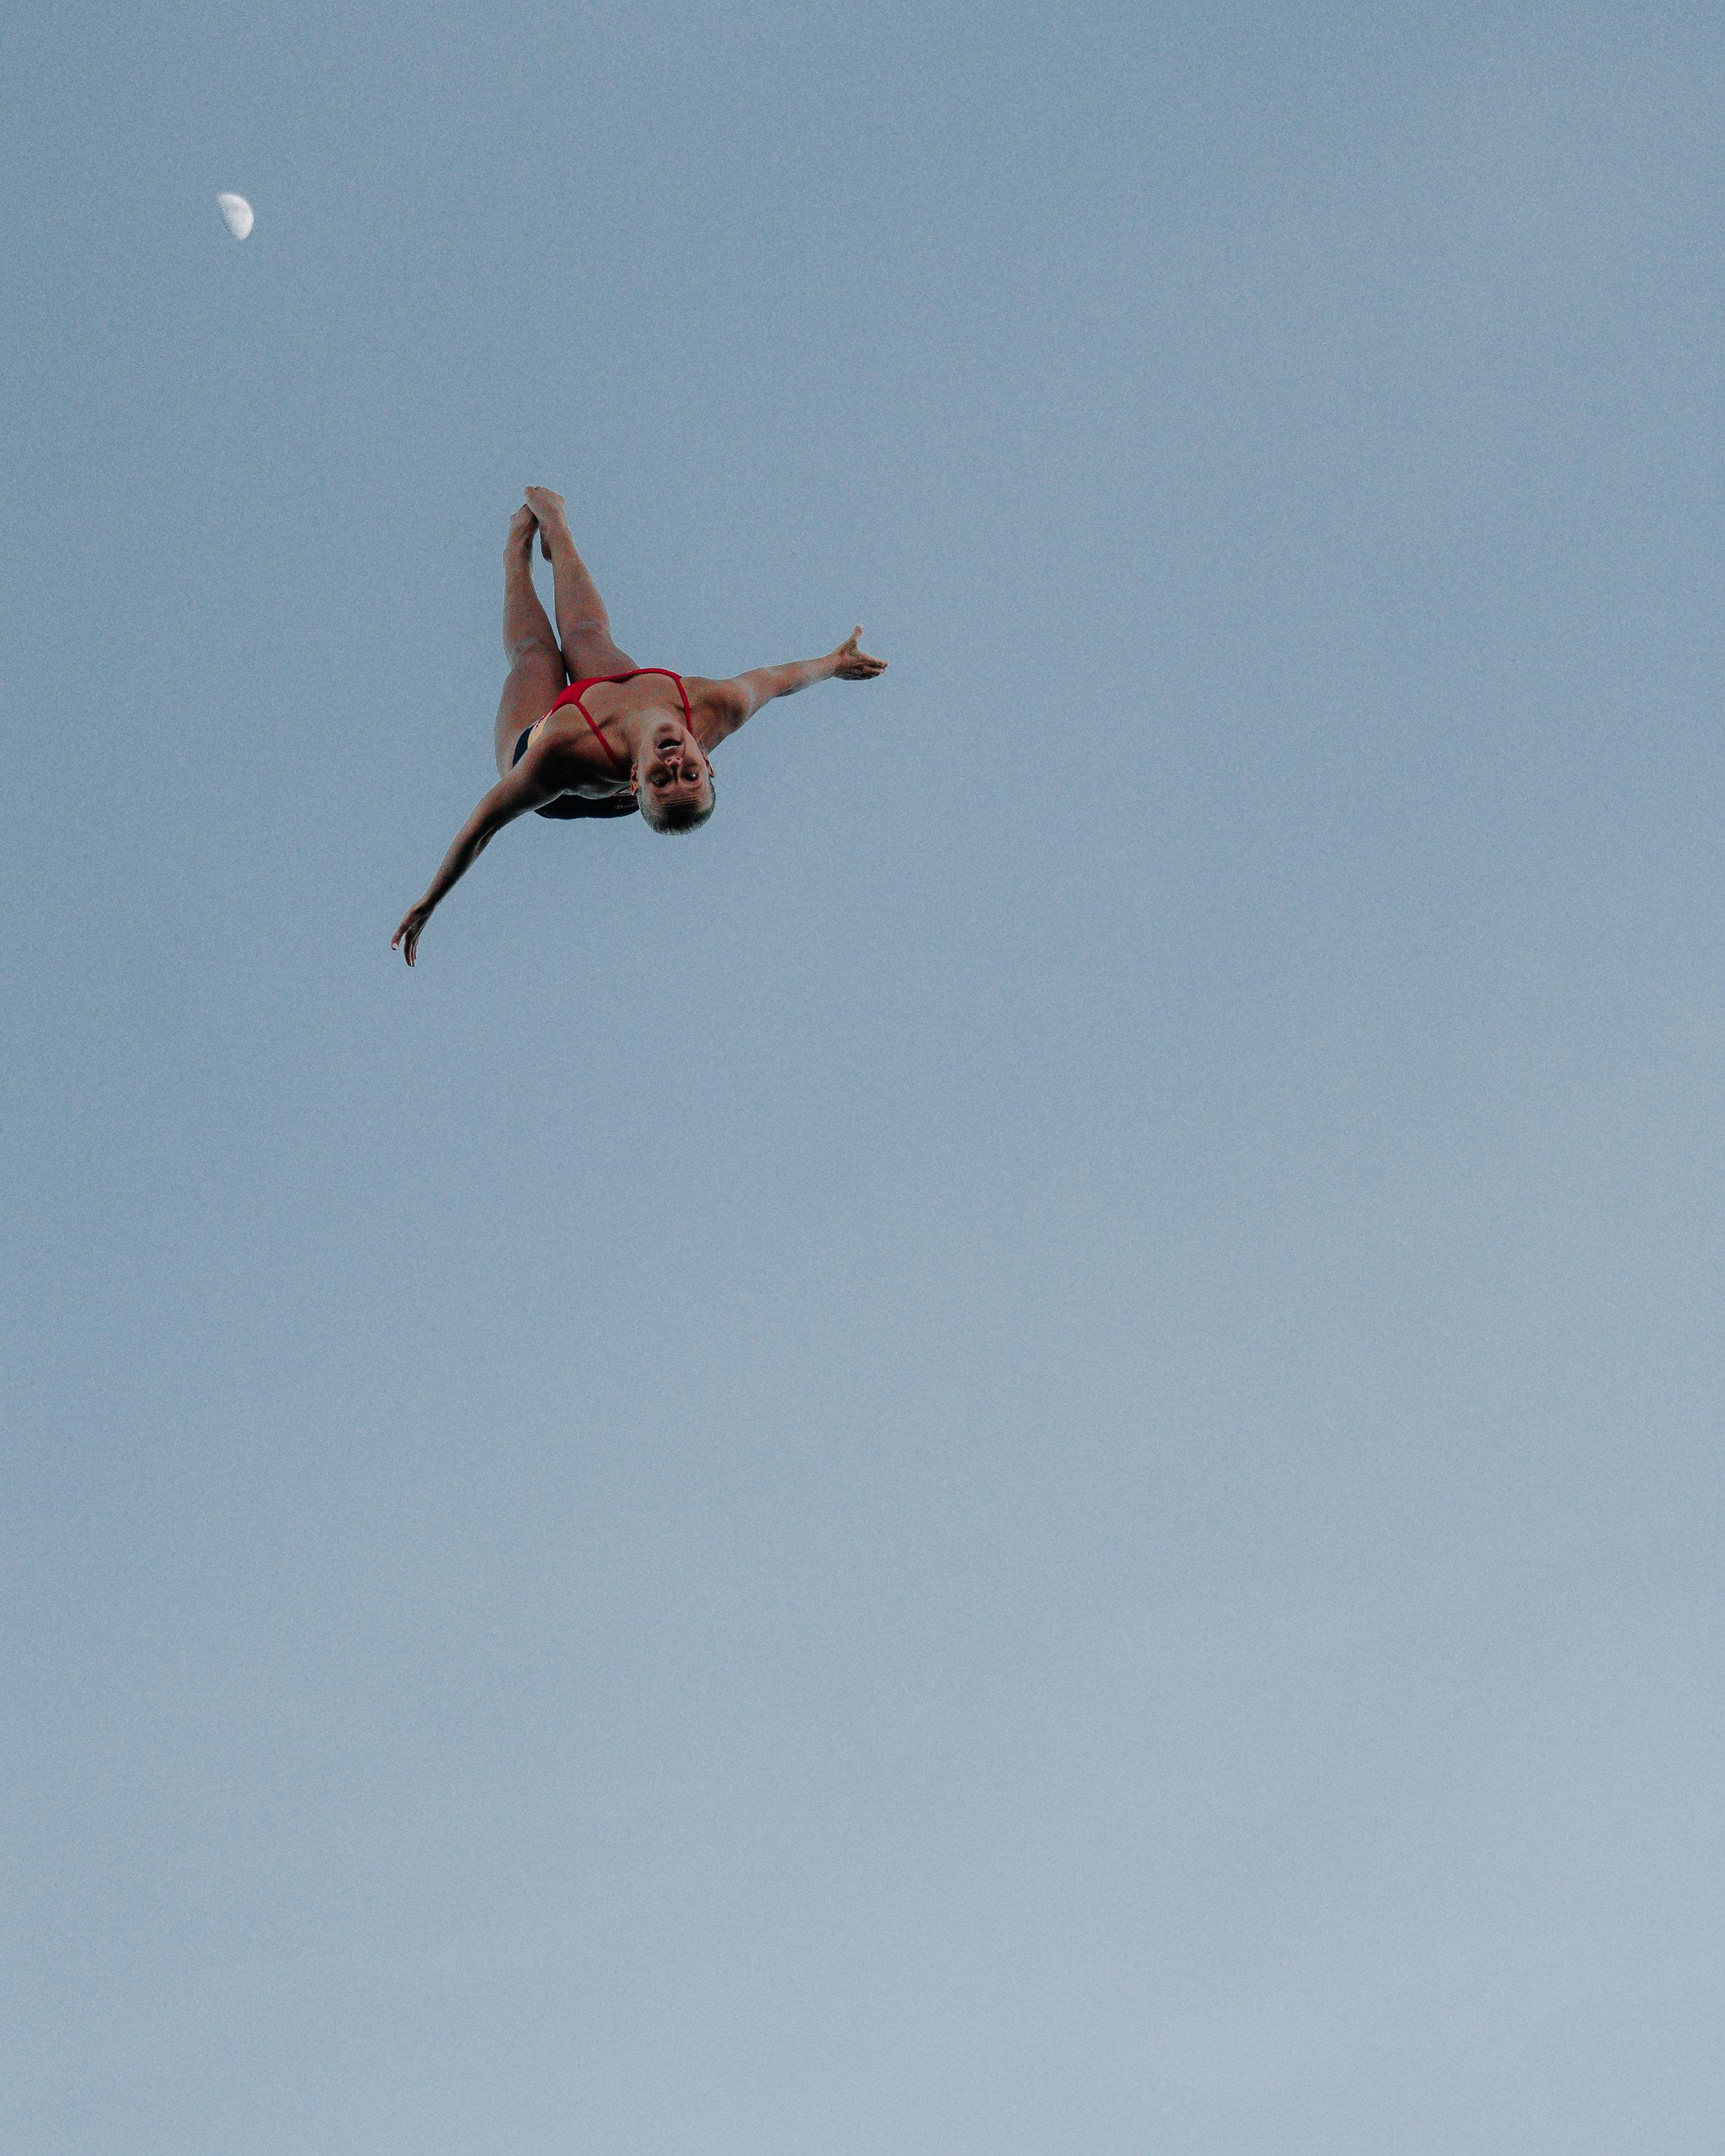 RedbullcliffdivingDublin19@antppeDSC05703.jpg